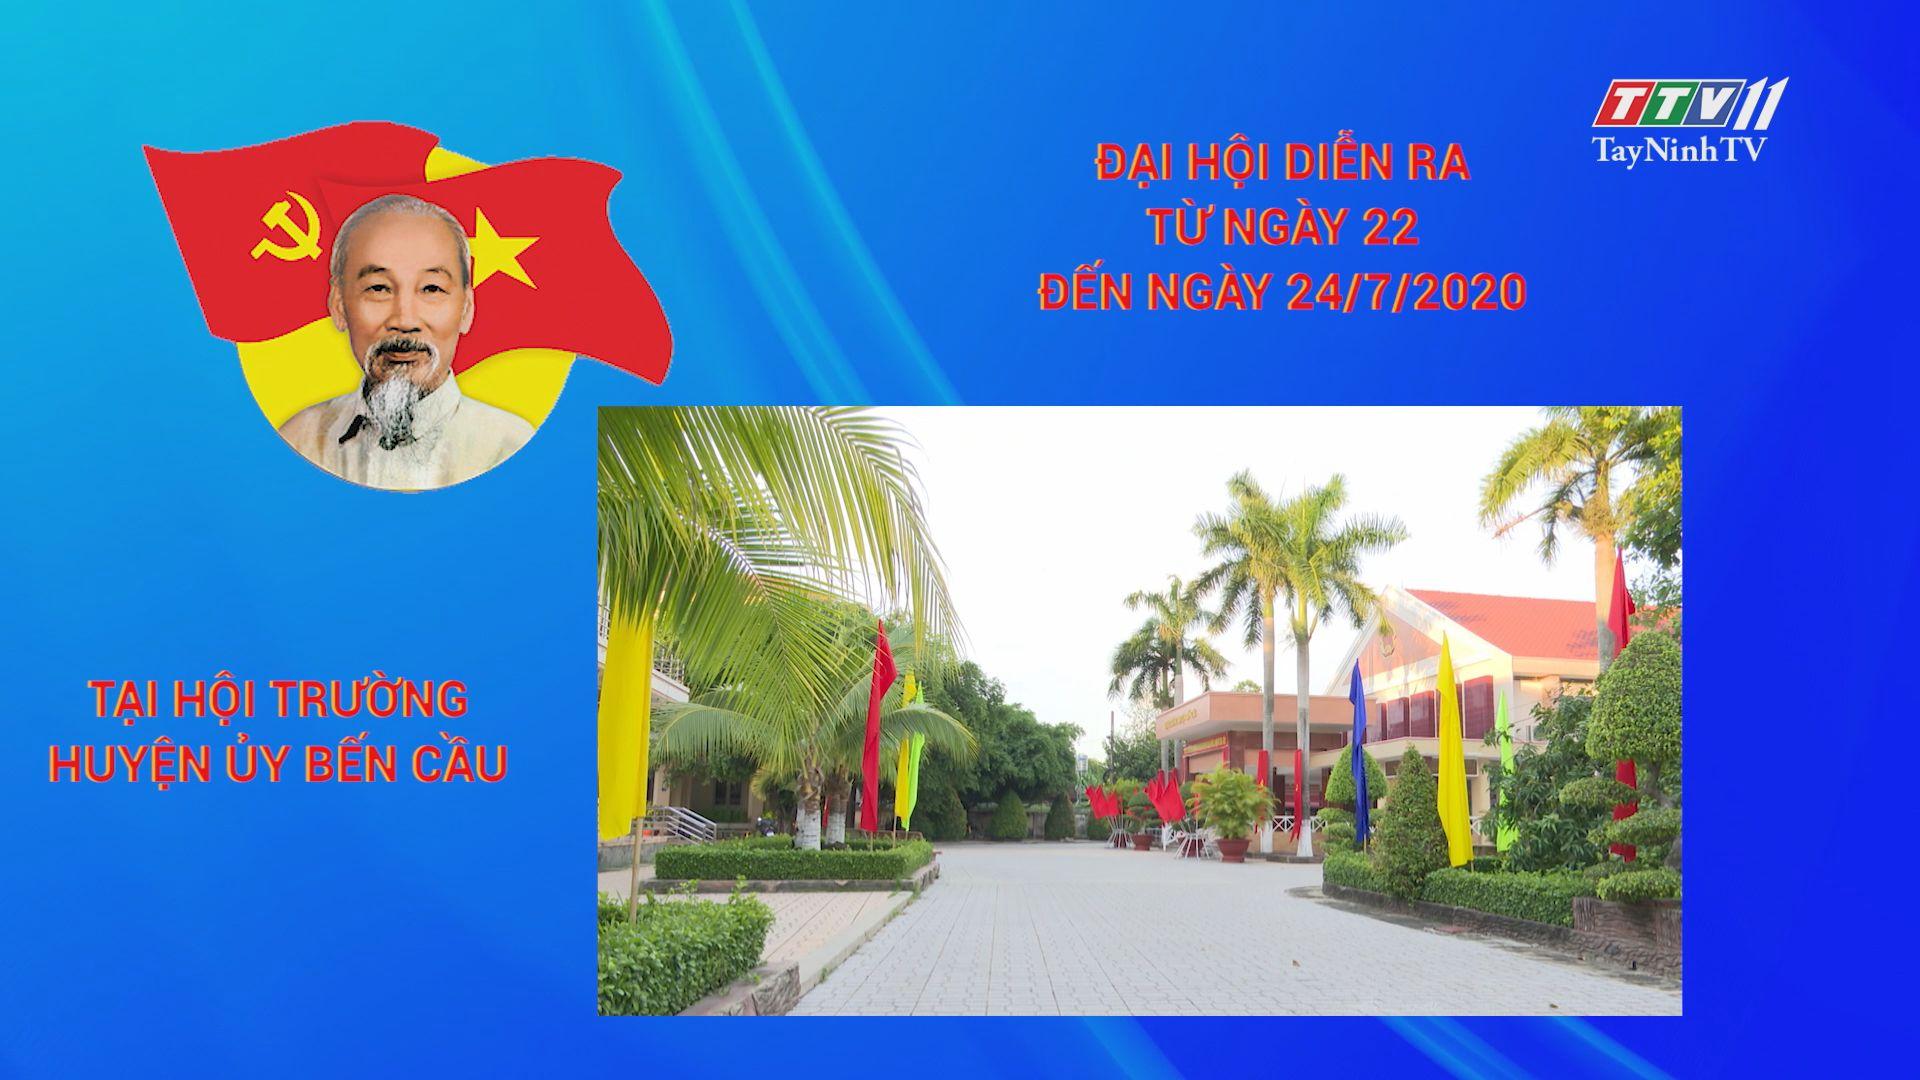 Đại hội đại biểu Đảng bộ huyện Bến Cầu lần thứ XII, nhiệm kỳ 2020-2025 - Trailer | ĐẠI HỘI ĐẢNG CÁC CẤP | TayNinhTV